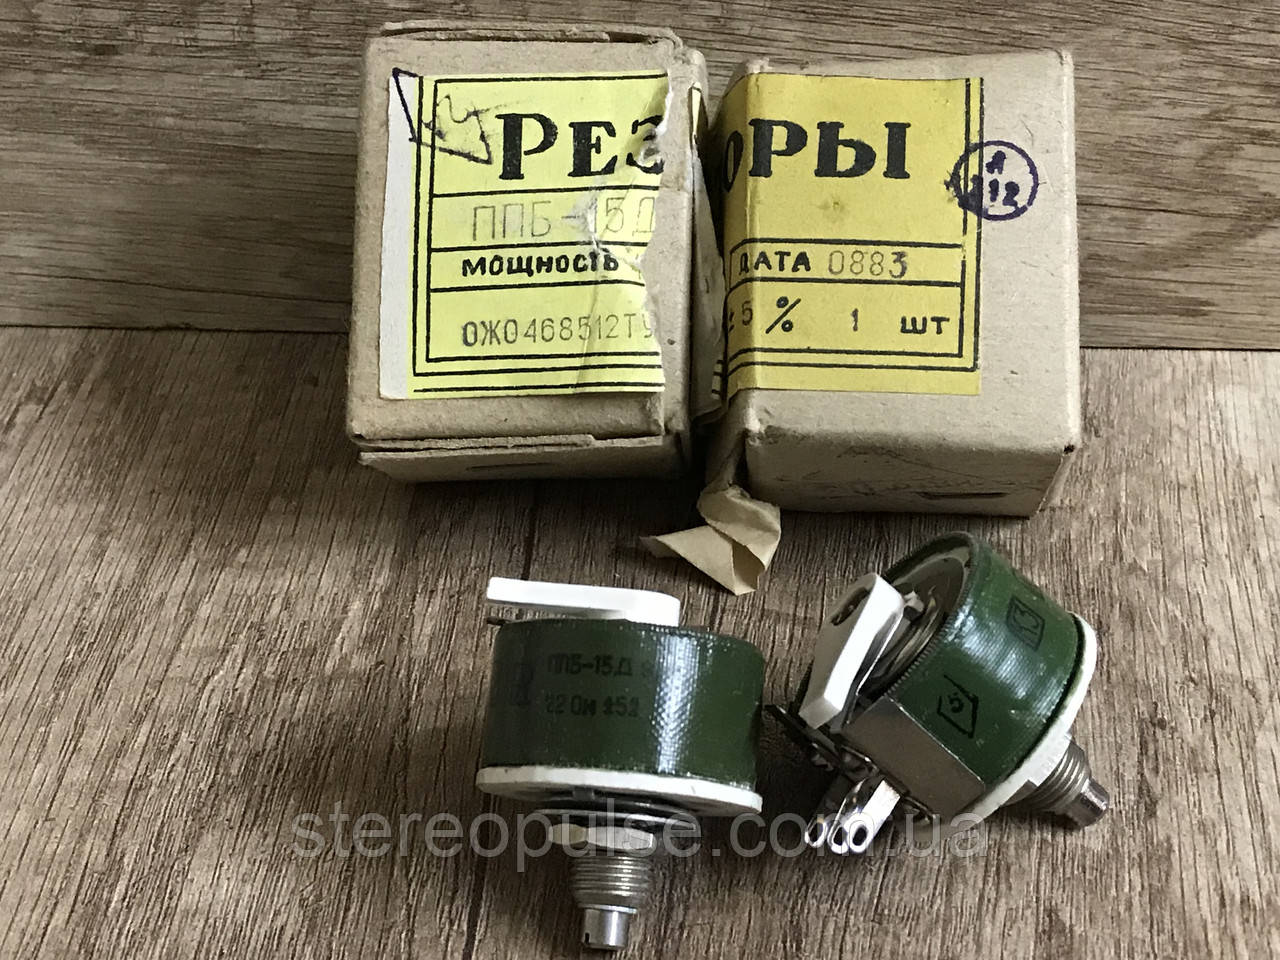 Резистор   ППБ -15 Д  33 Ом  5%